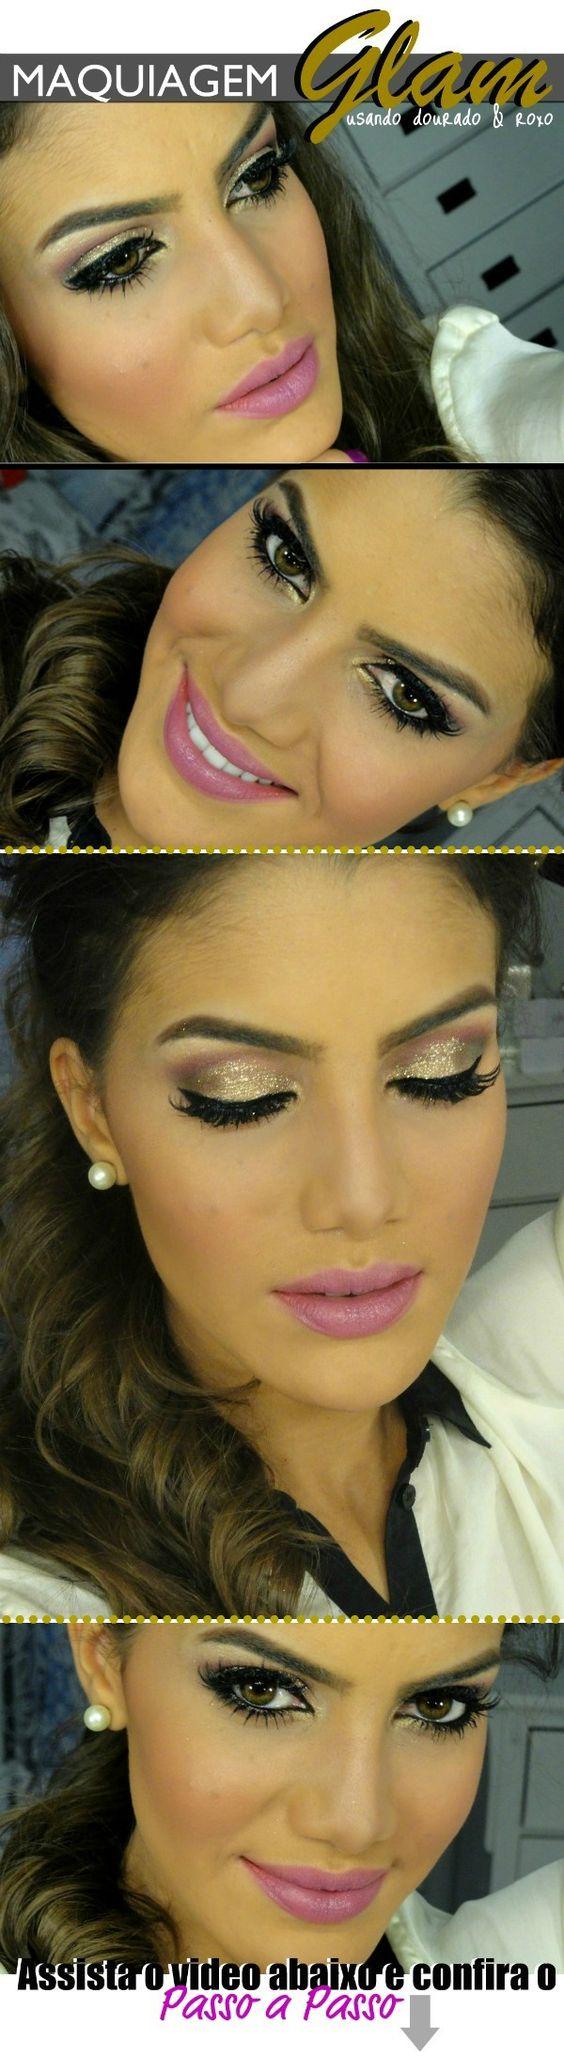 Make glam romântica! - http://supervaidosa.com/2012/03/30/maquiagem-glam-romantica/#: